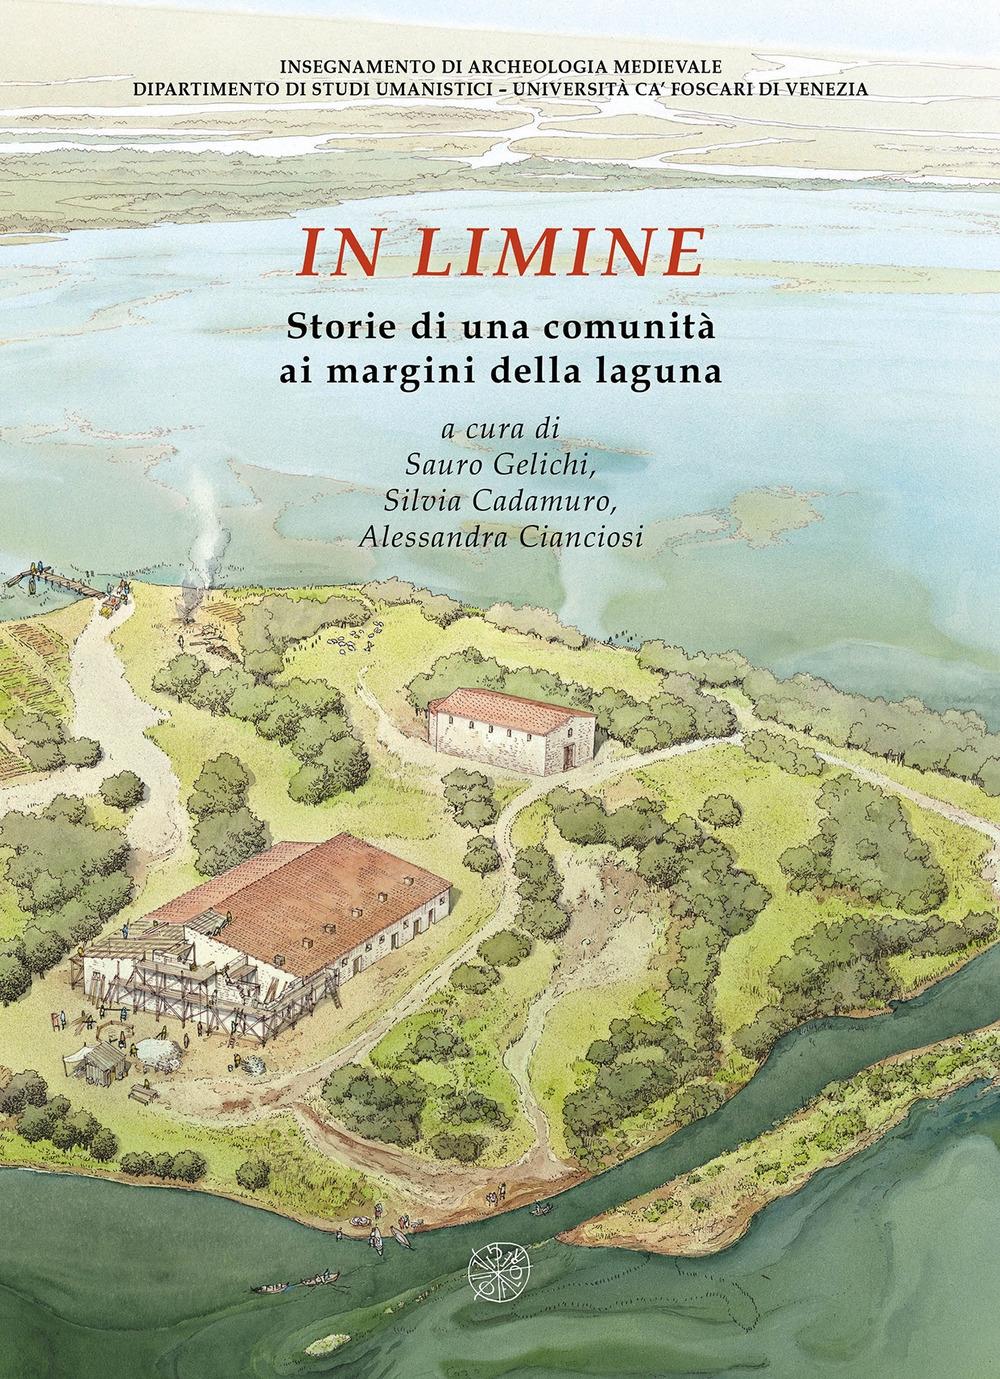 In limine. Storie di una comunità ai margini della laguna